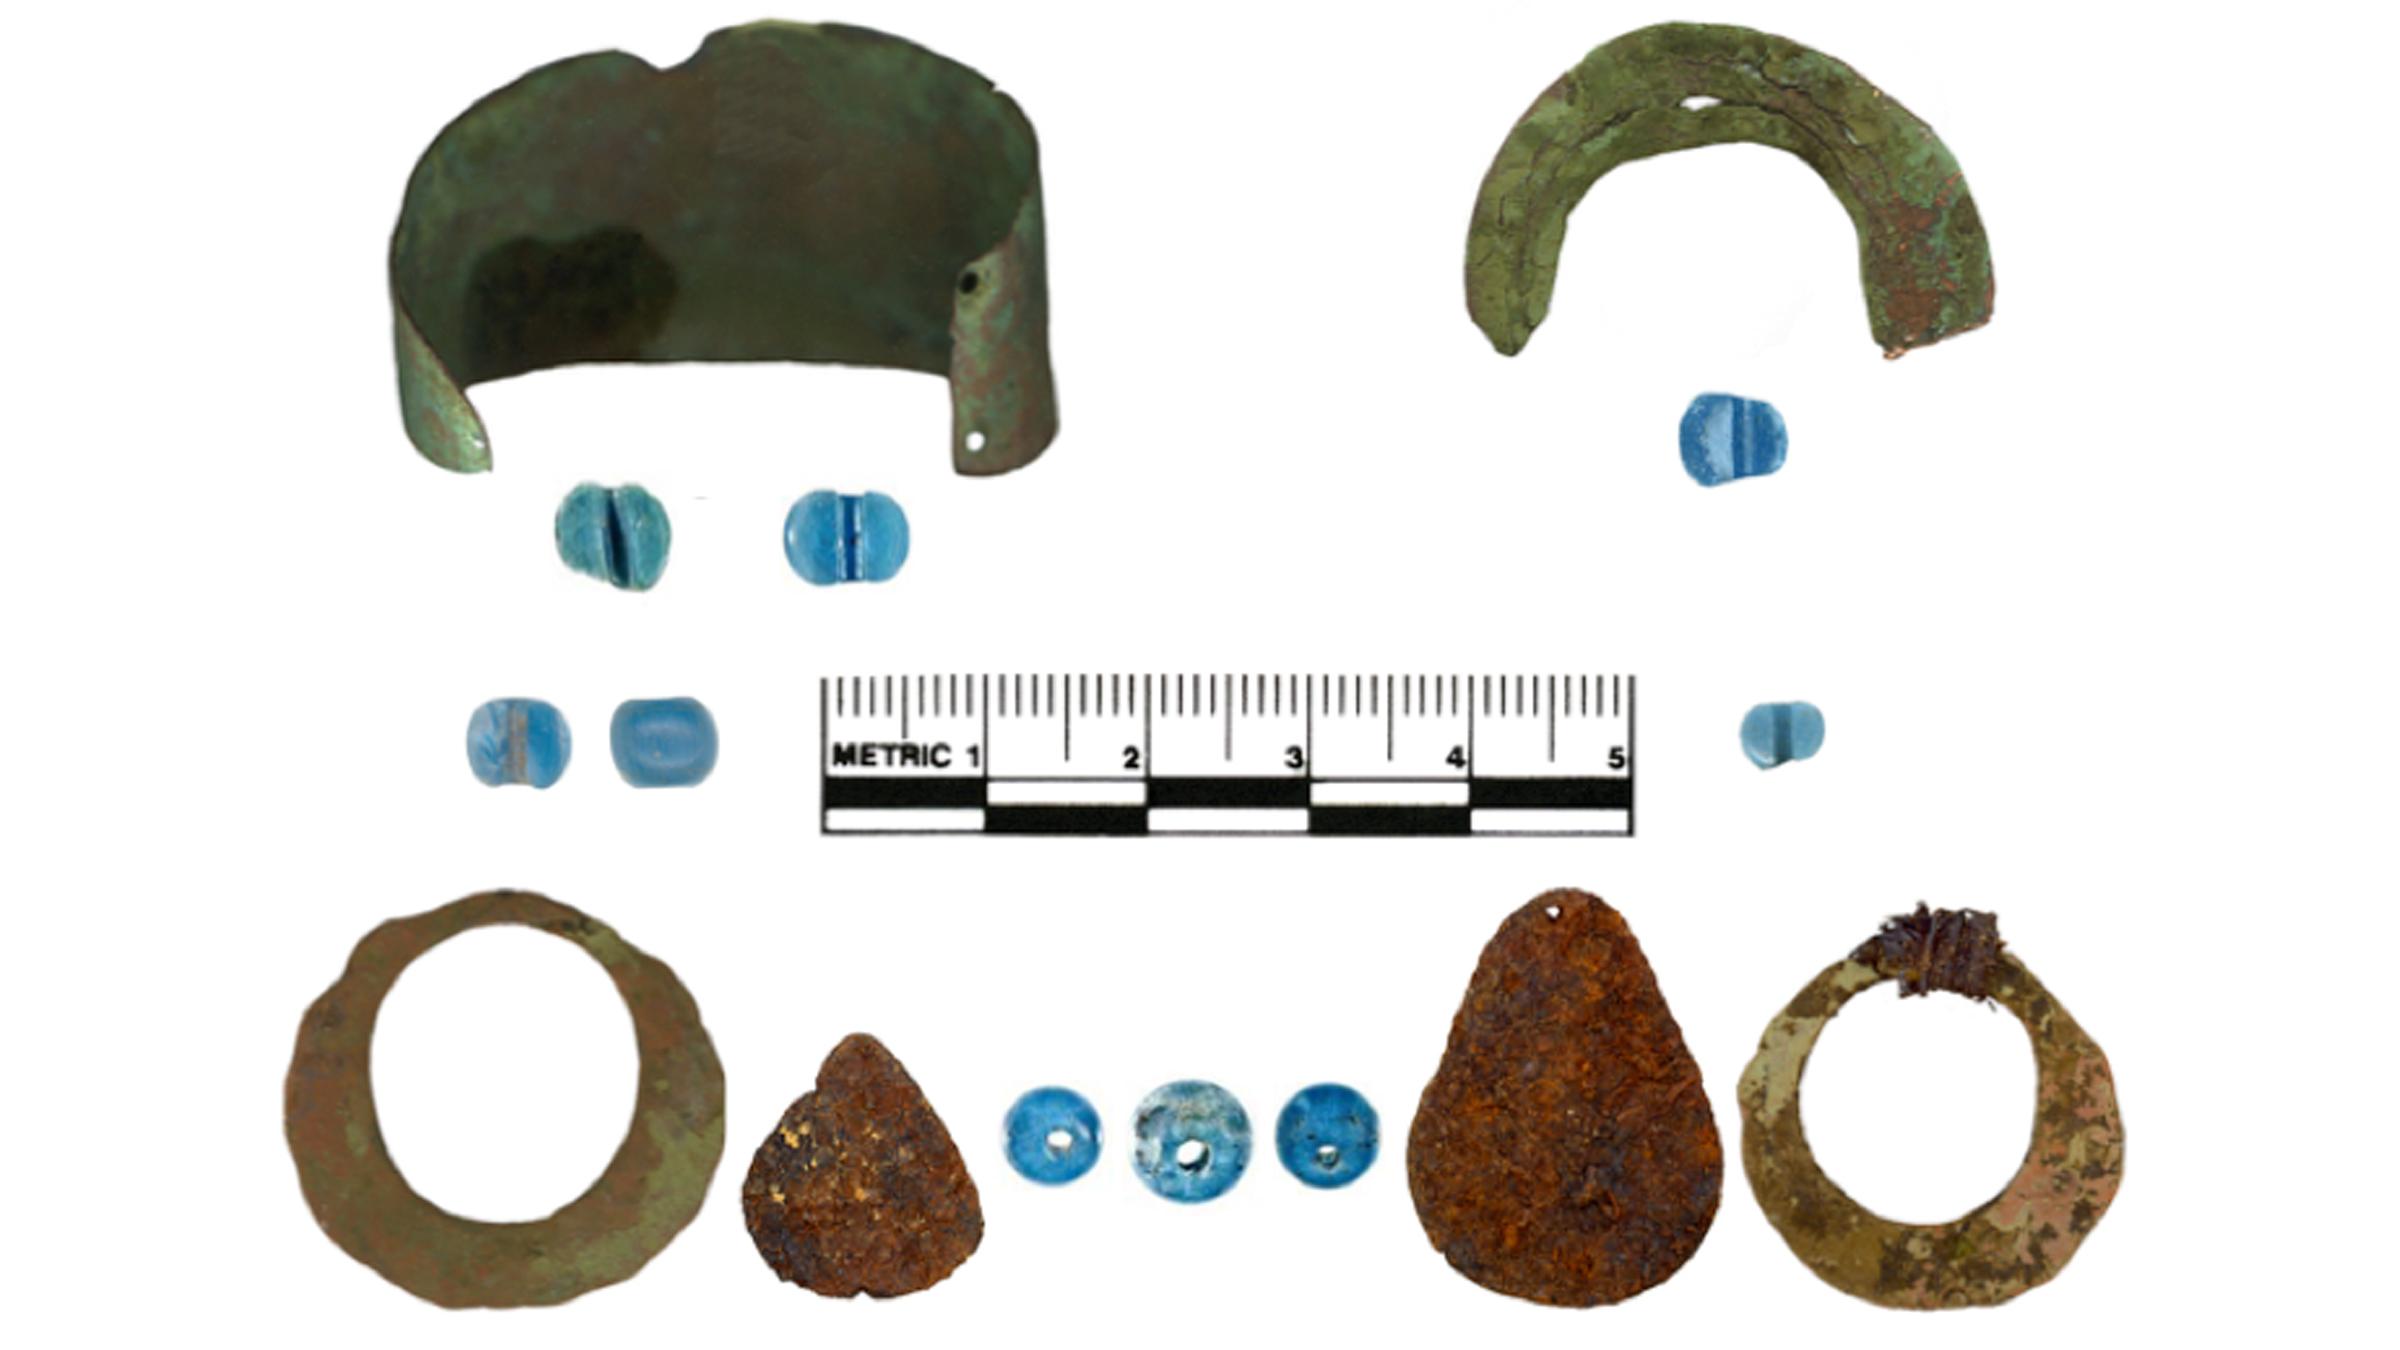 Les artefacts trouvés sur les sites autochtones de l'Alaska comprennent des perles de verre bleues, des bracelets et des bracelets en cuivre et des pendentifs en fer.